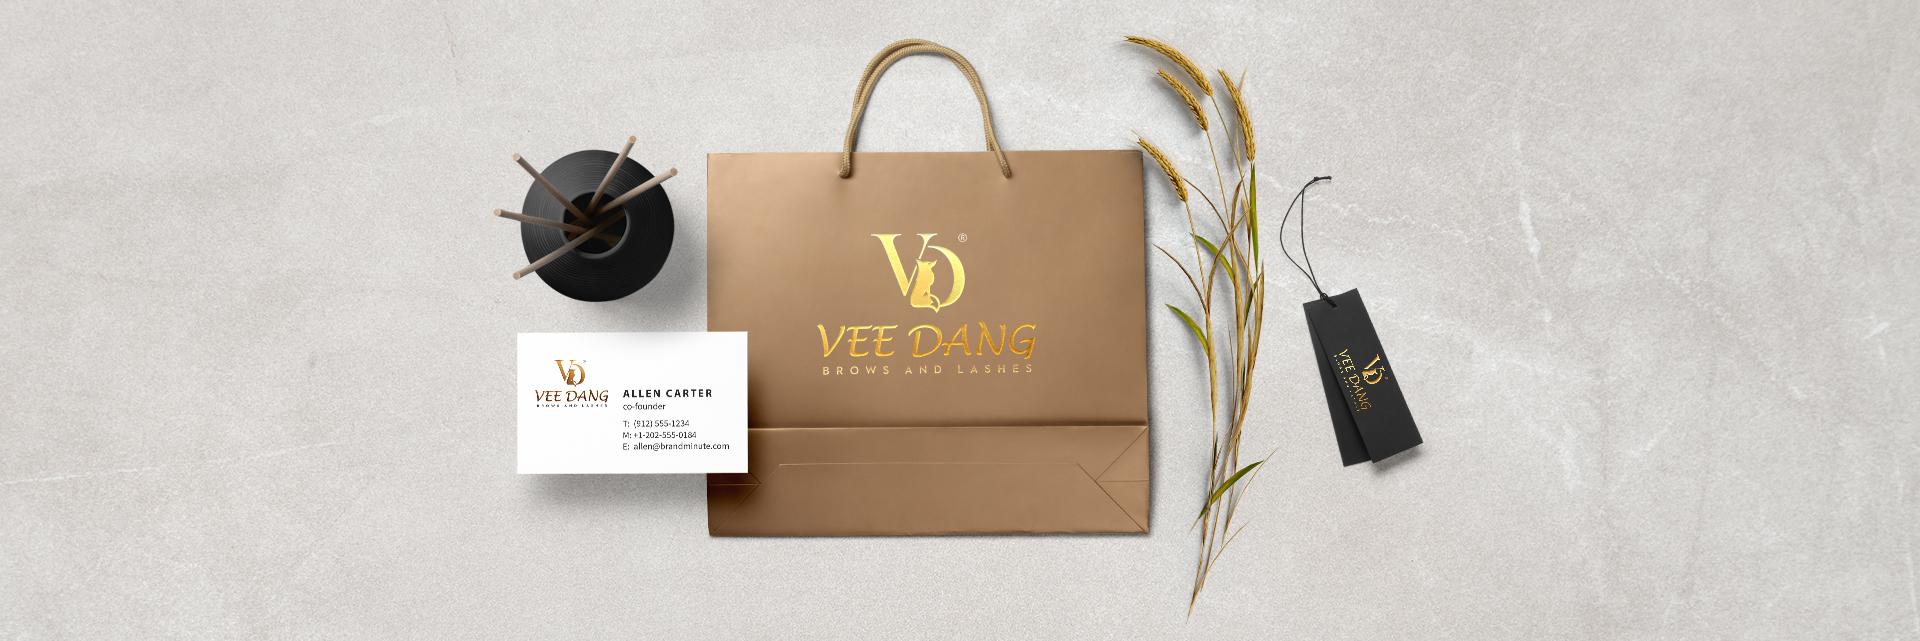 Vee-Dang-Slide-3